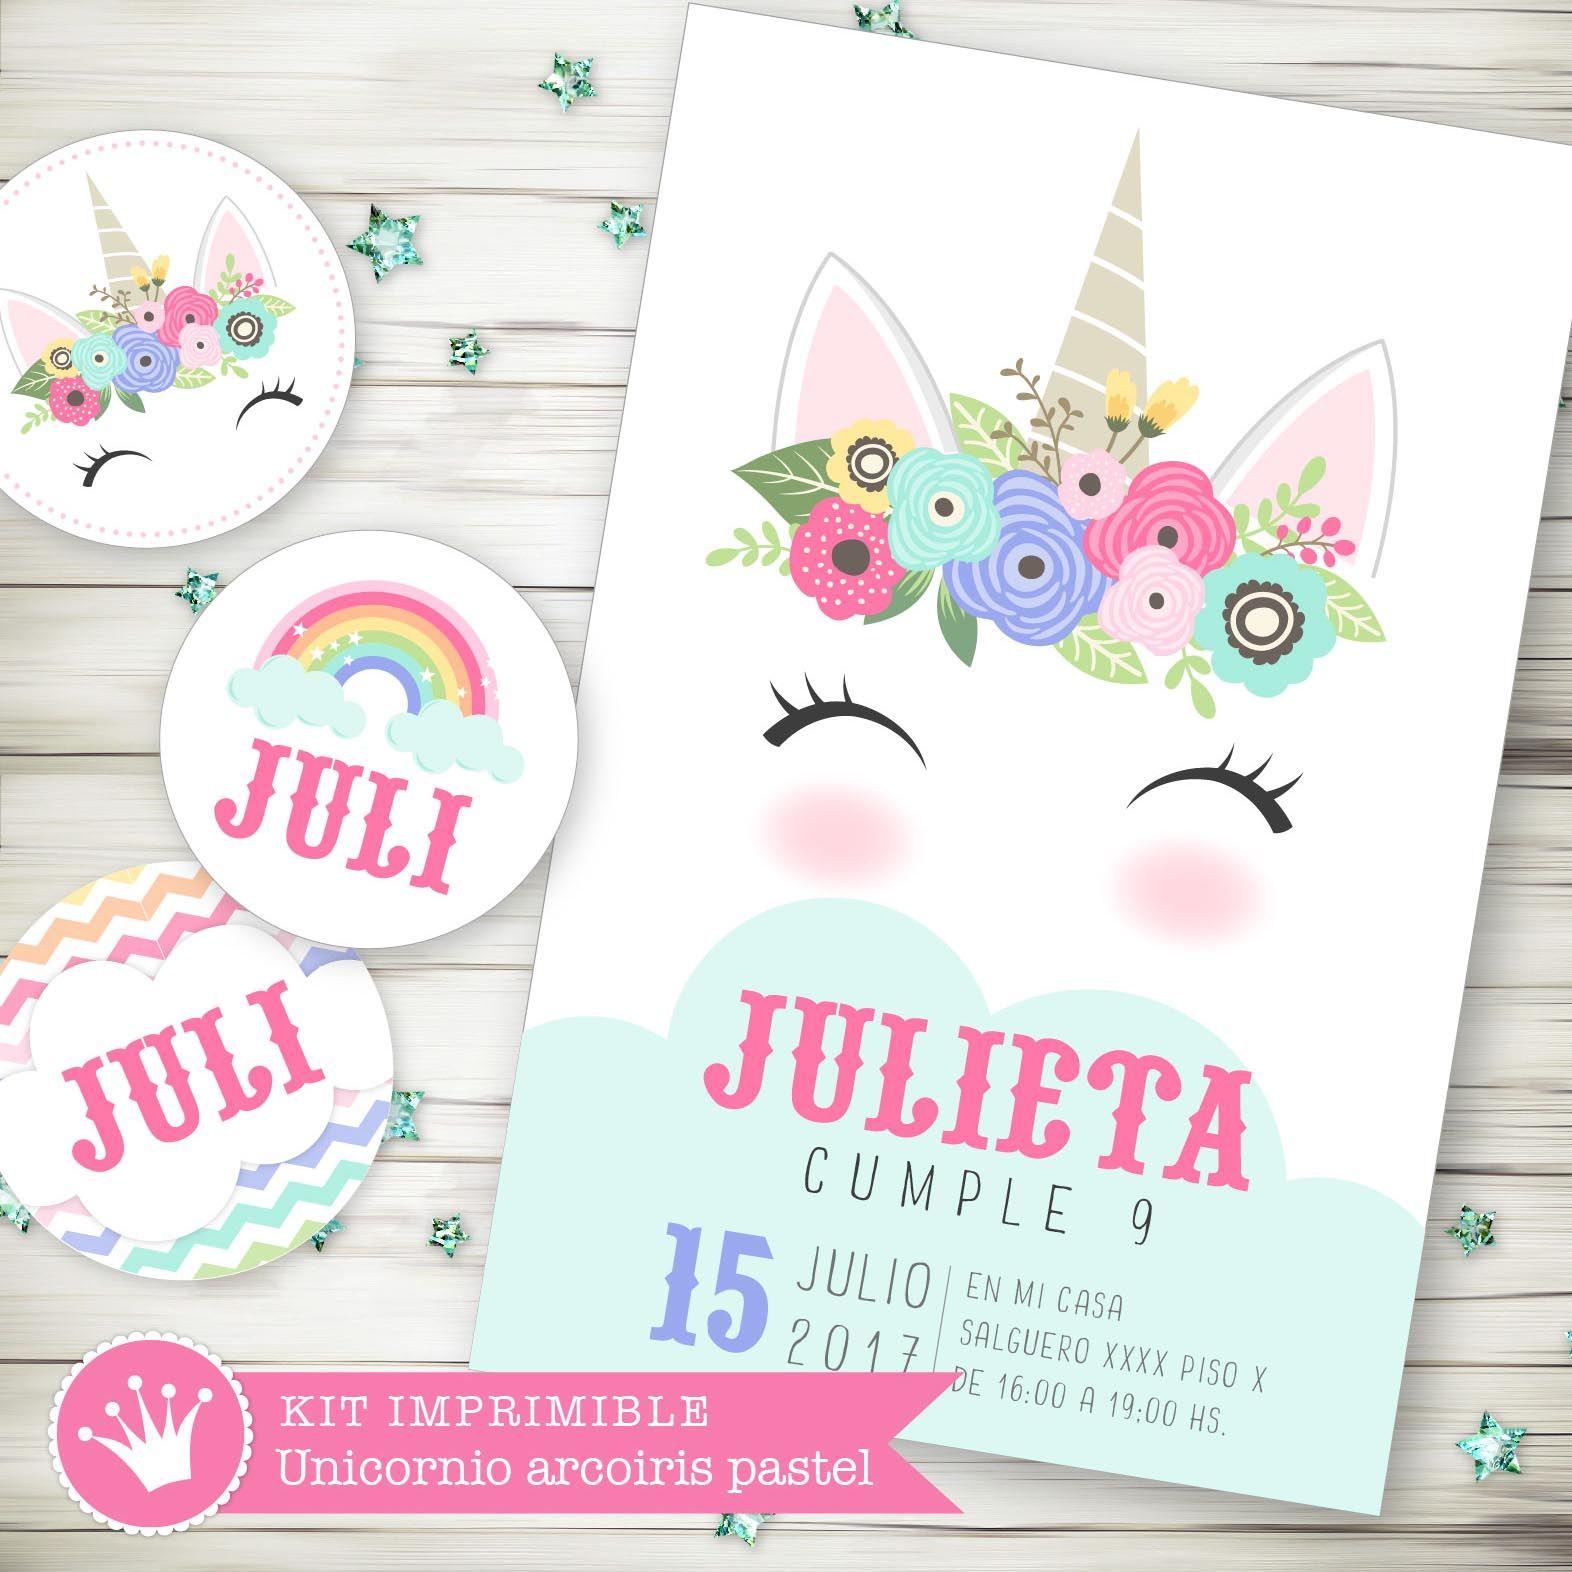 Kit imprimible digital para cumpleaños unicornio con flores pastel ...